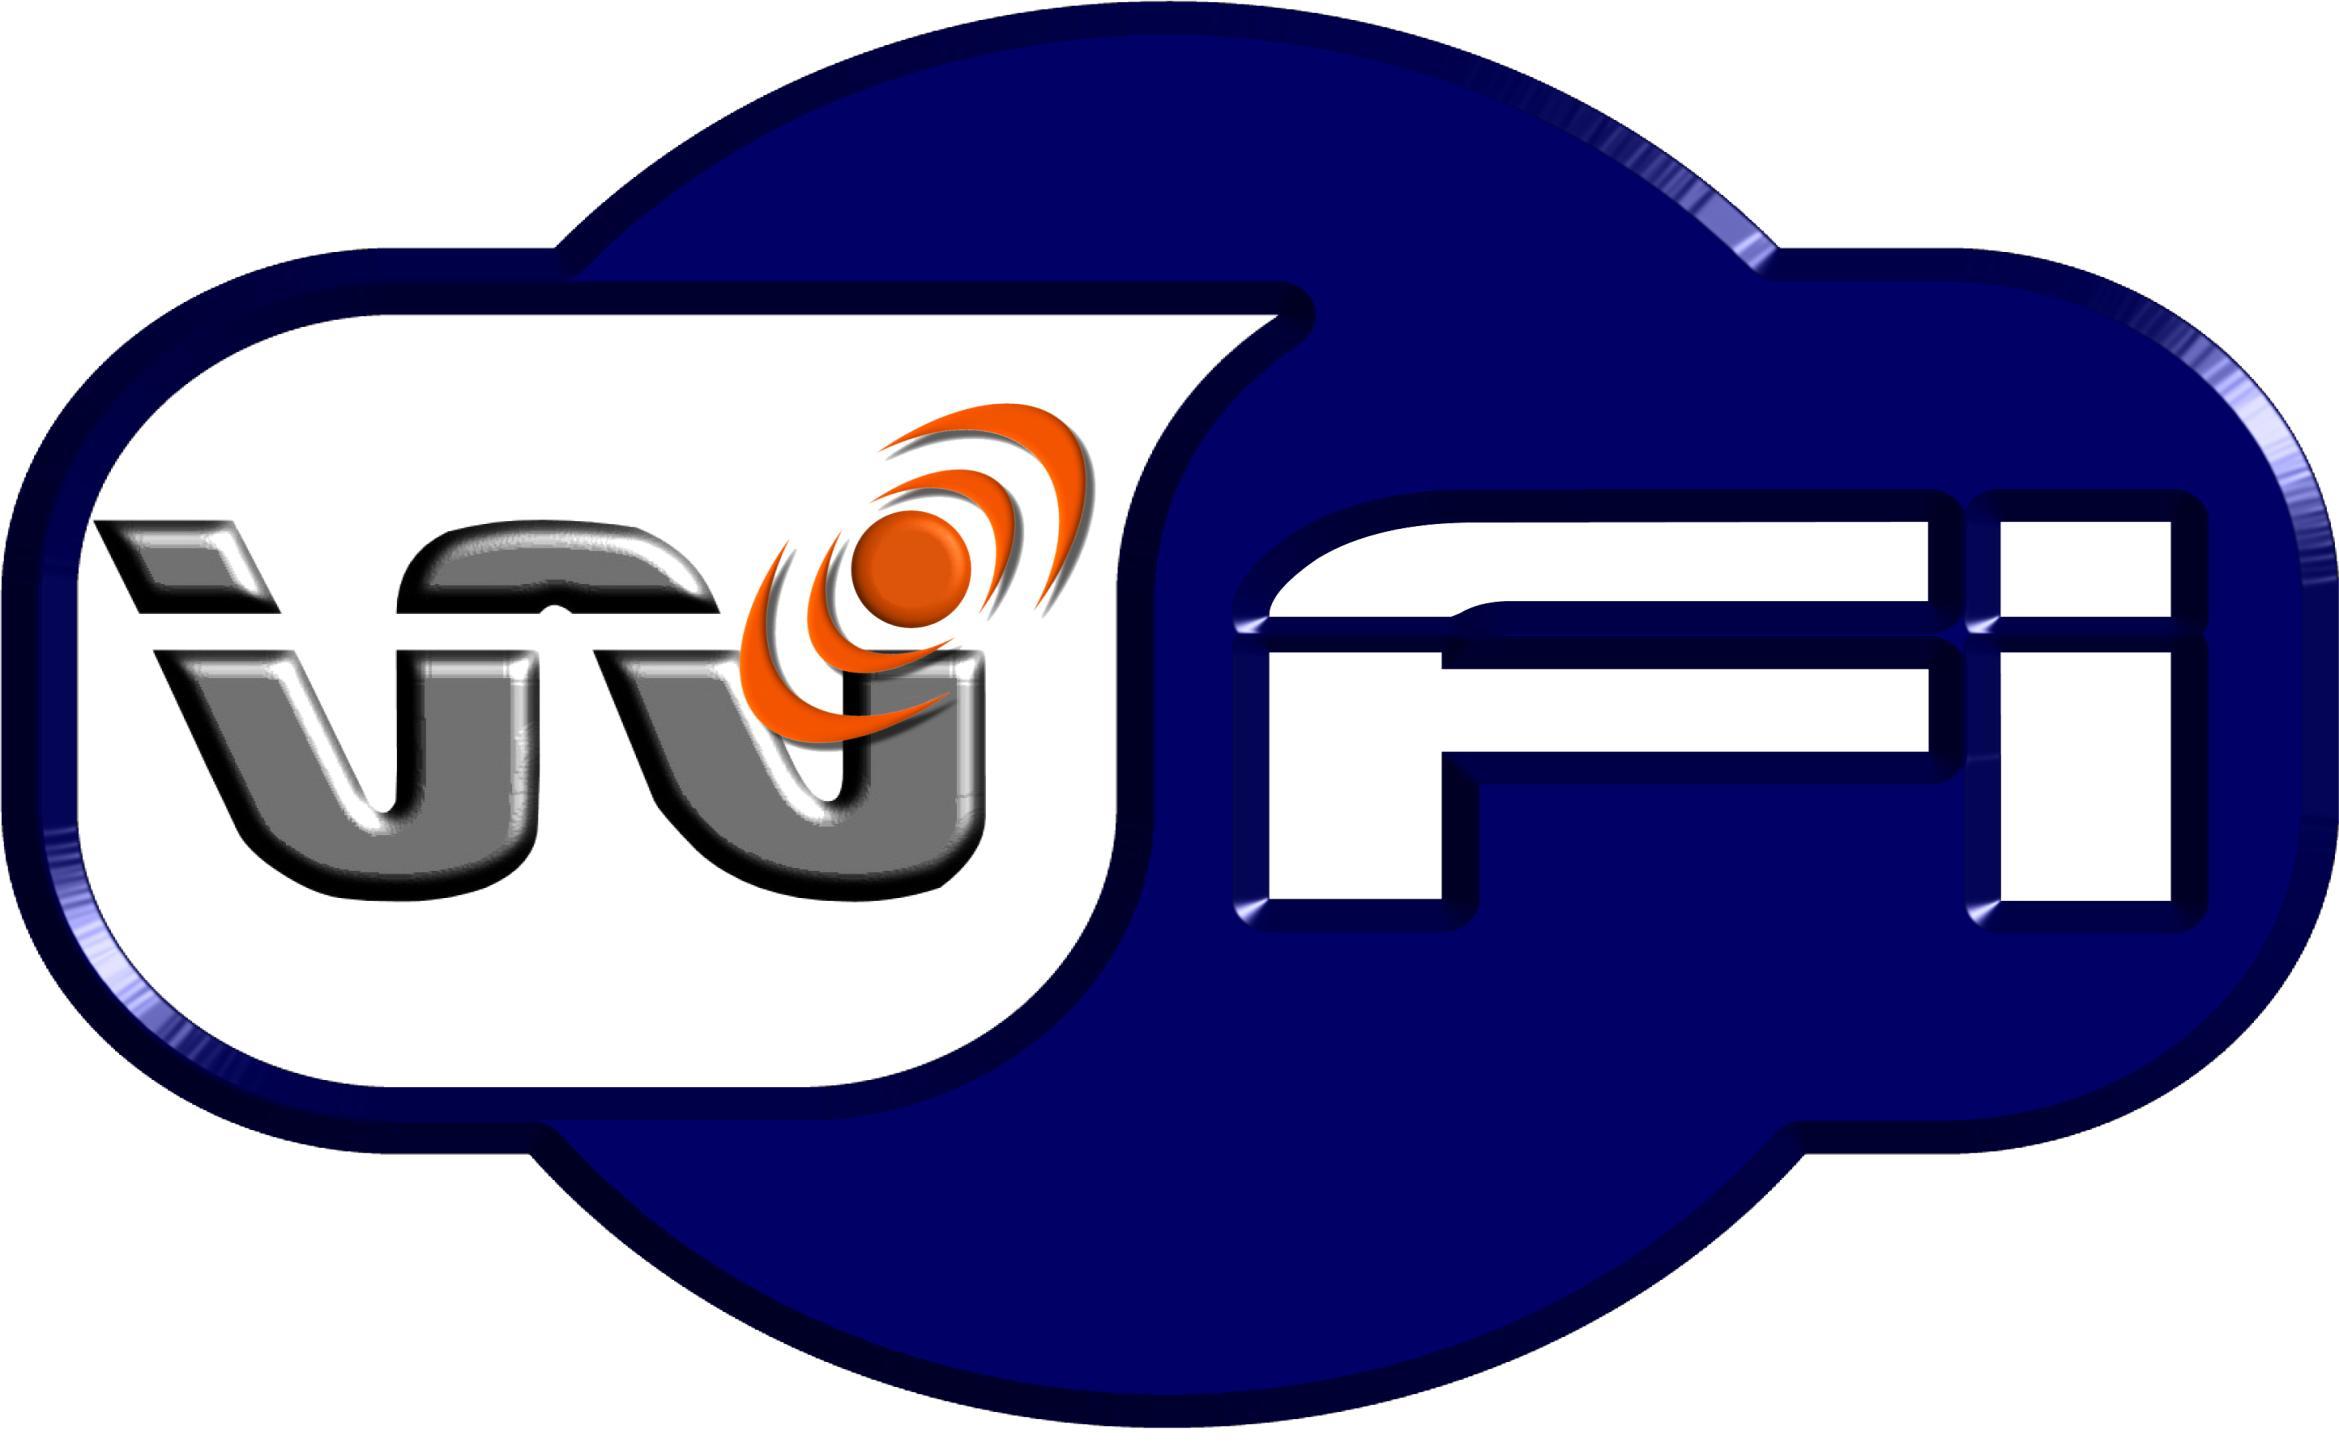 2339x1443 Free Wifi Logo